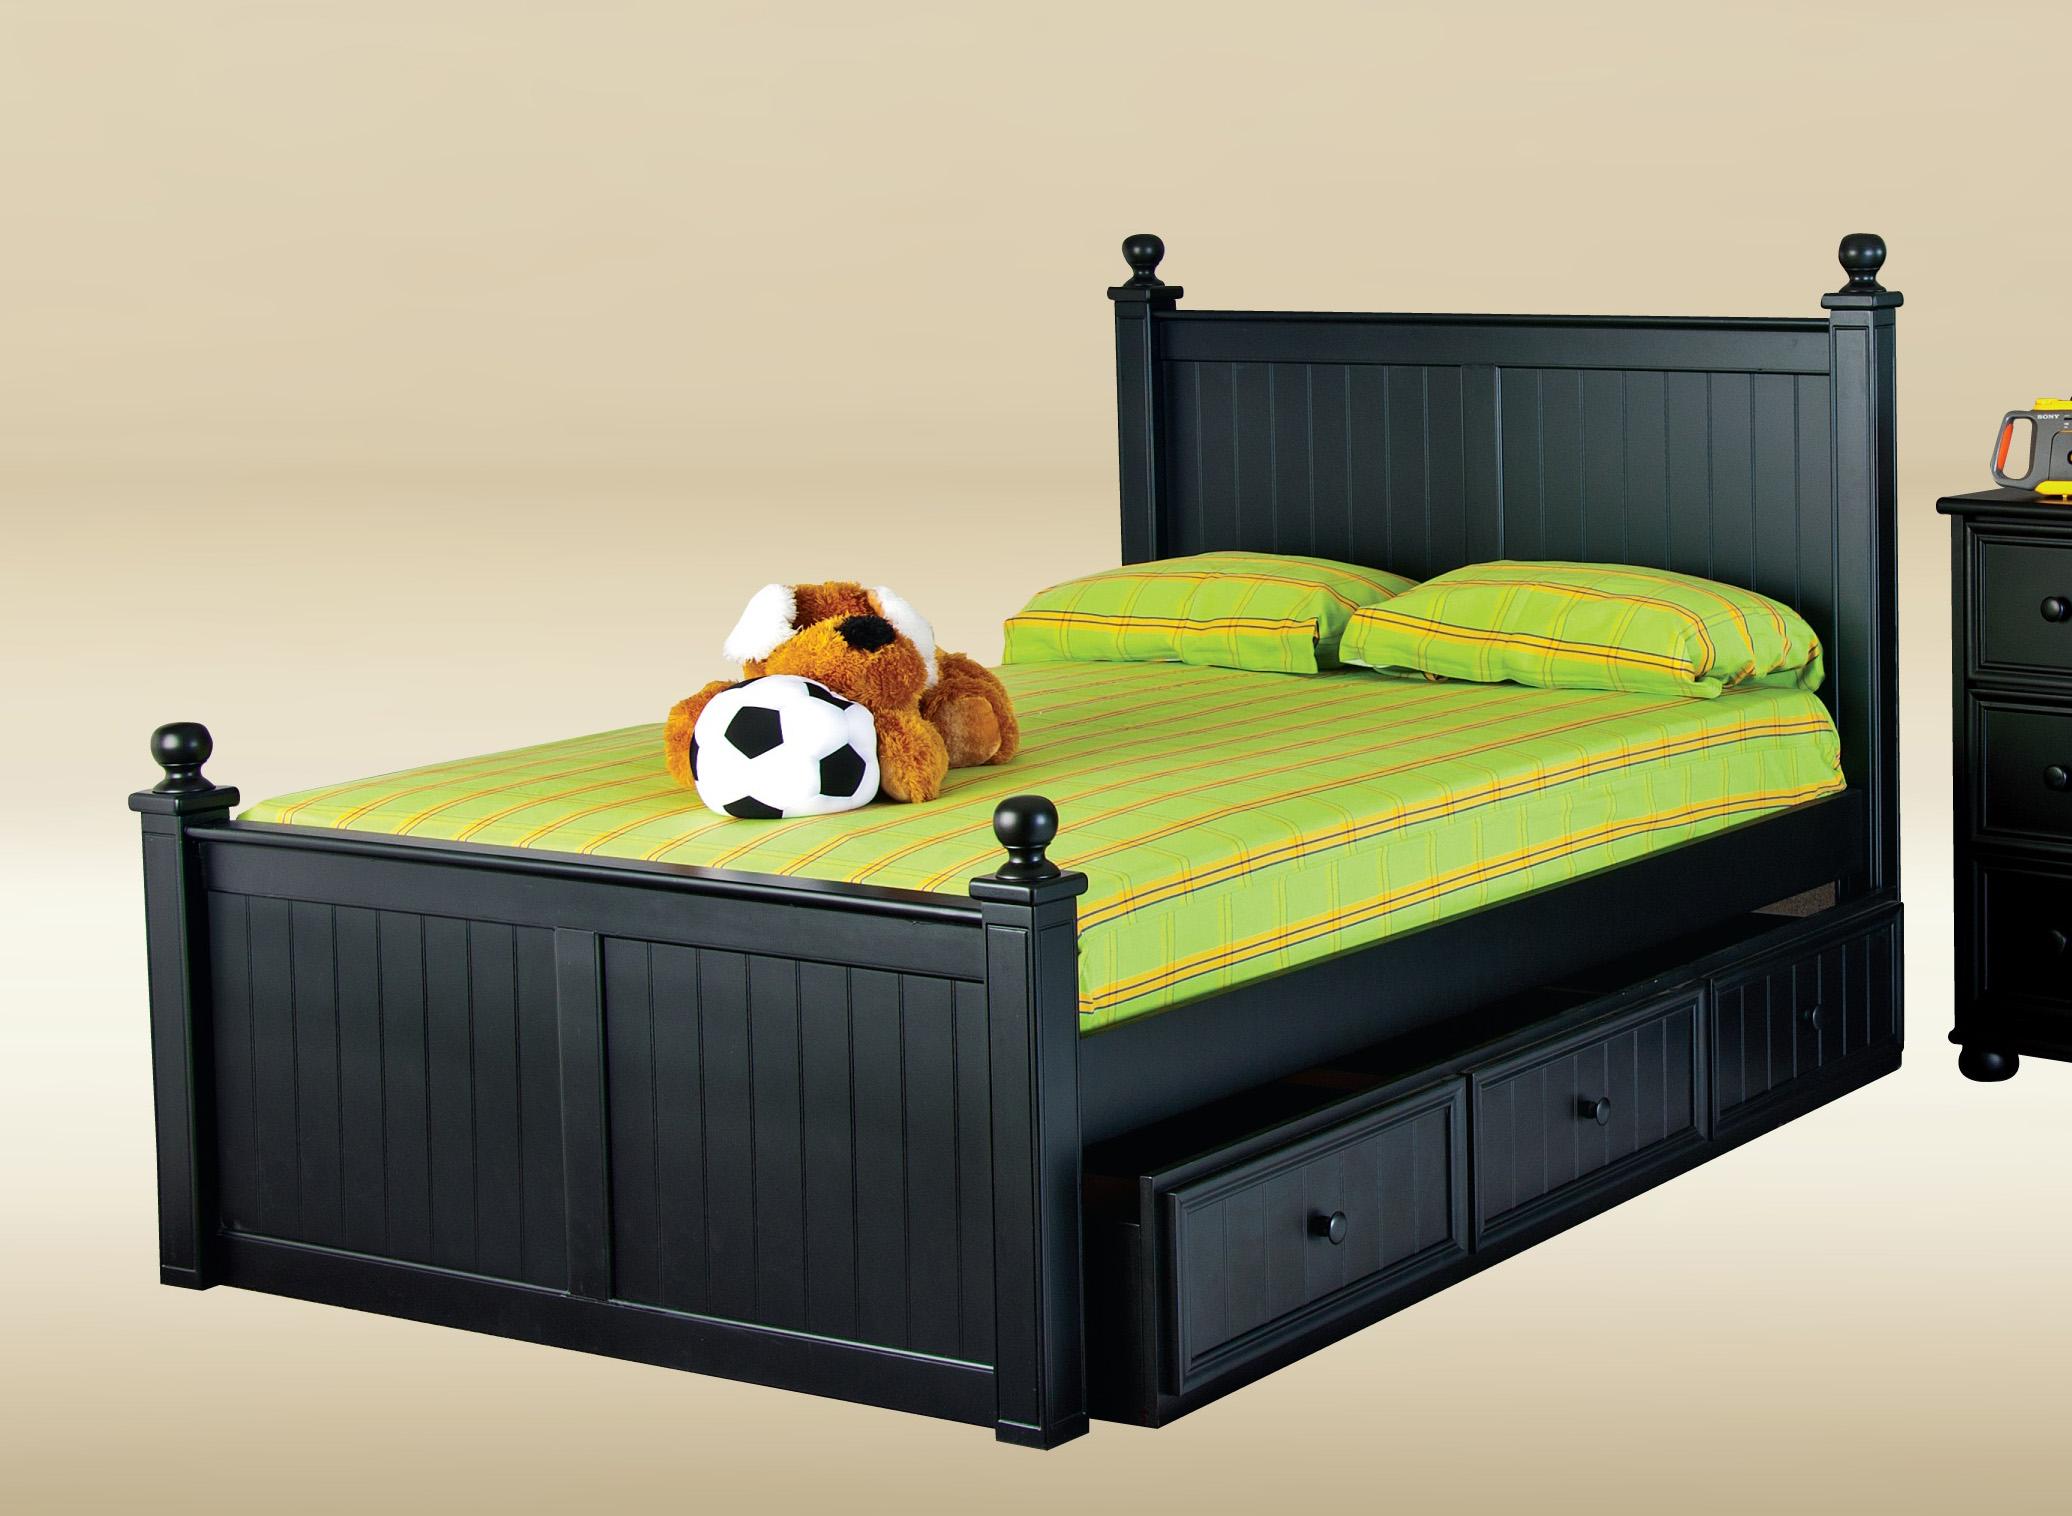 full bed vs queen bed differences ocfurniture. Black Bedroom Furniture Sets. Home Design Ideas